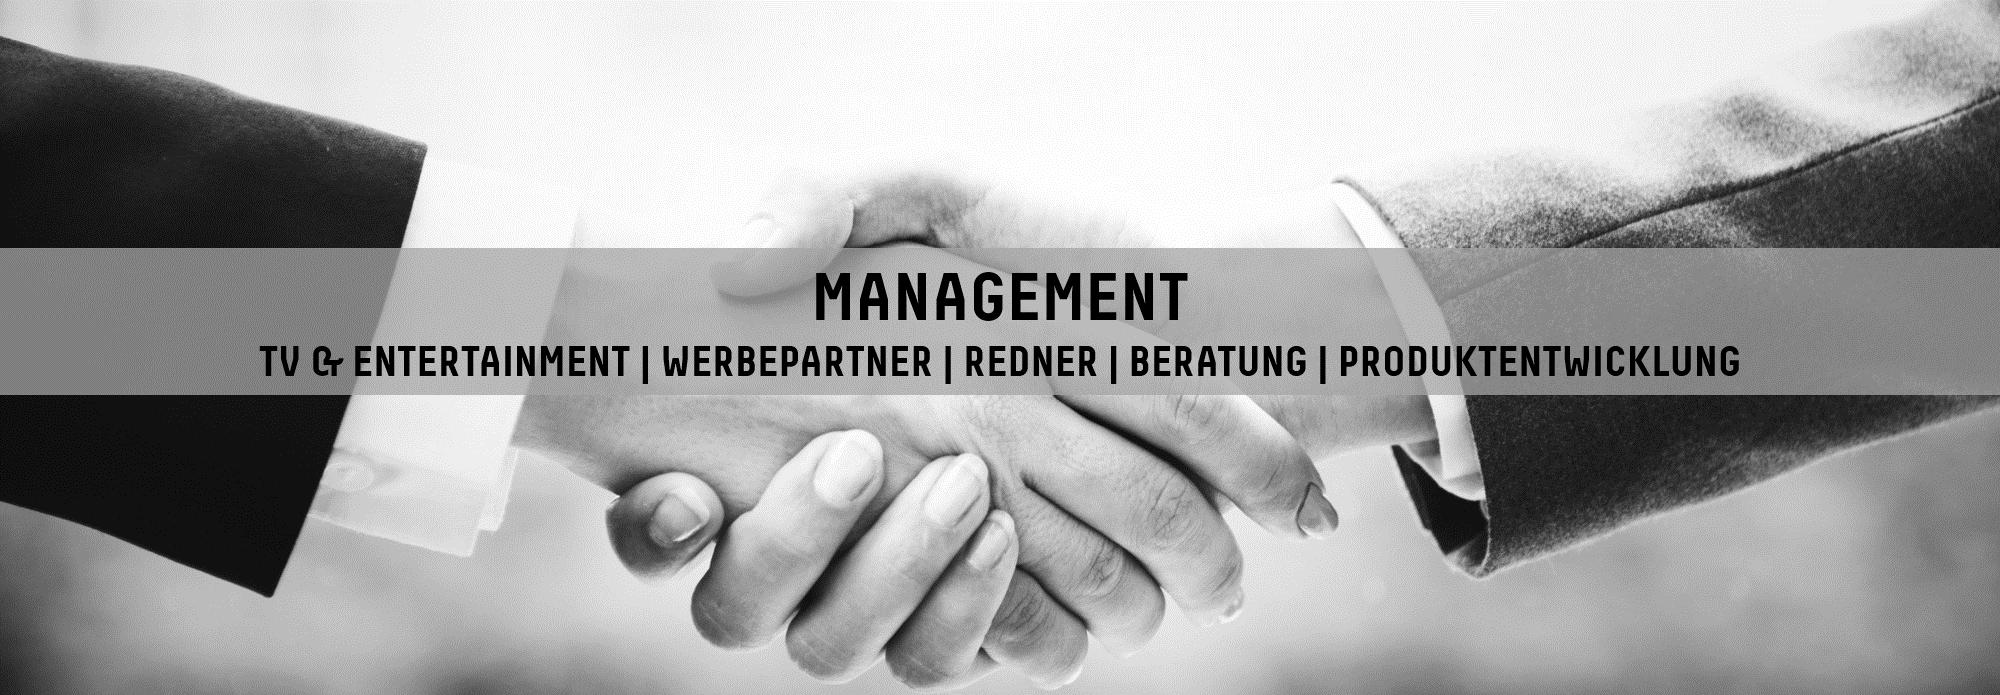 henze management